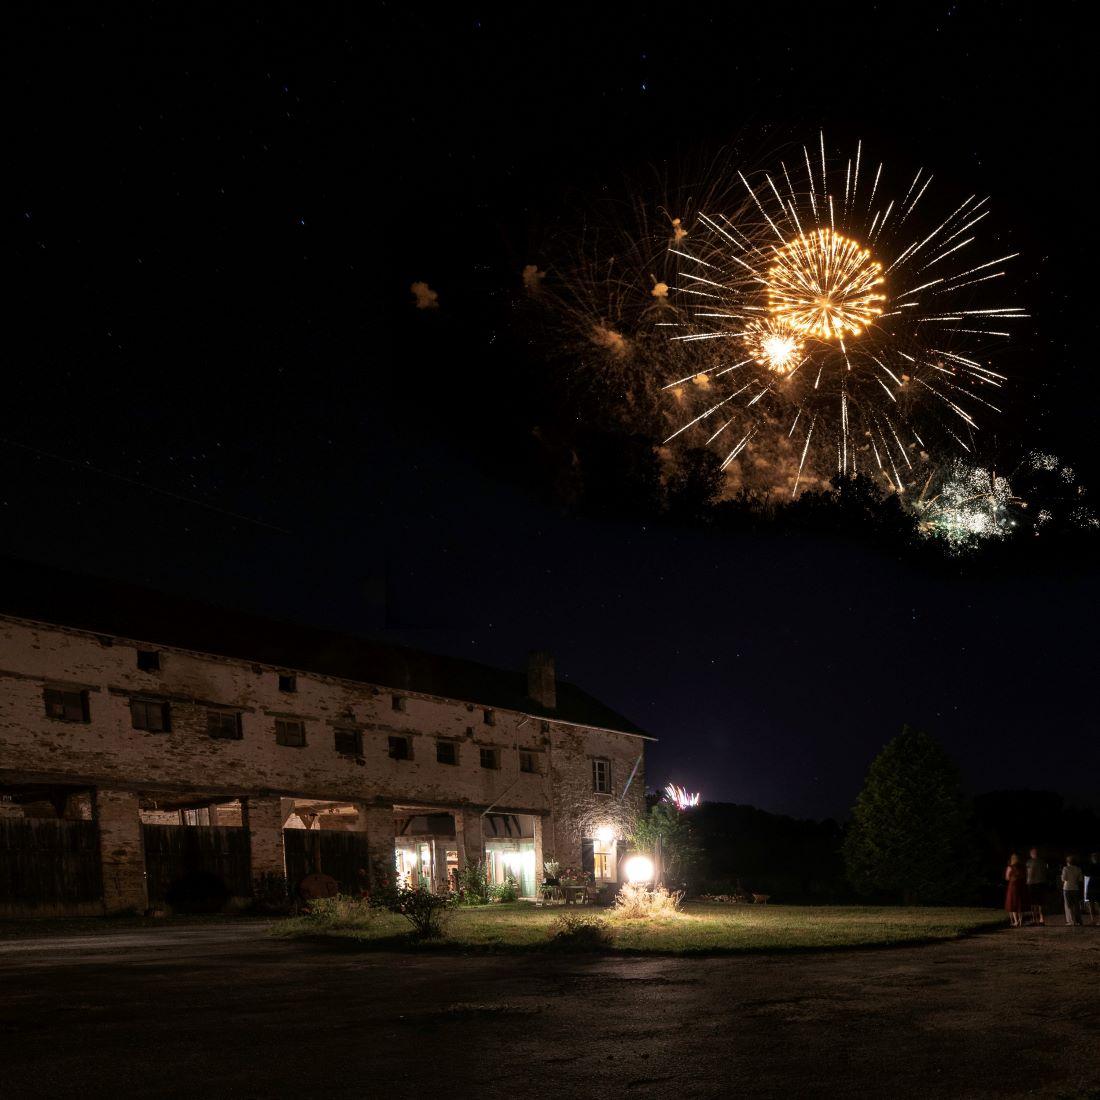 Vuurwerkshow in augustus